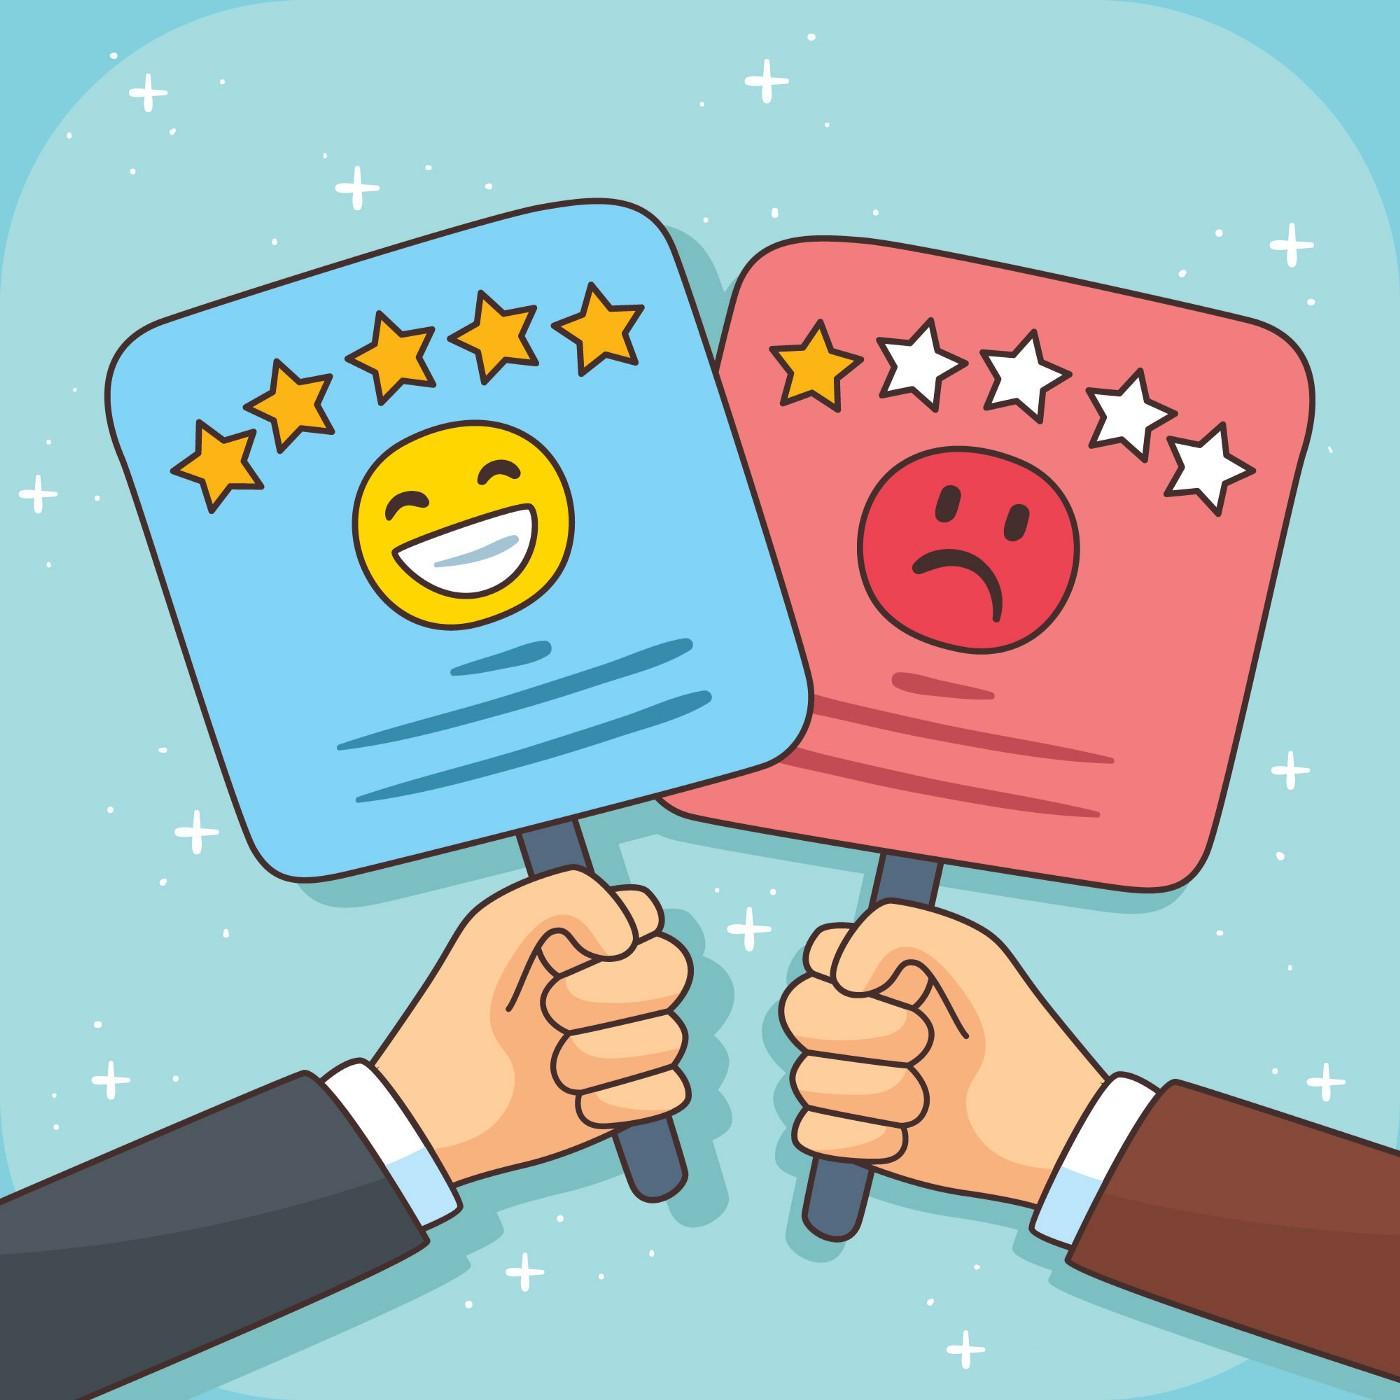 L'importance du feedback dans le management d'une équipe